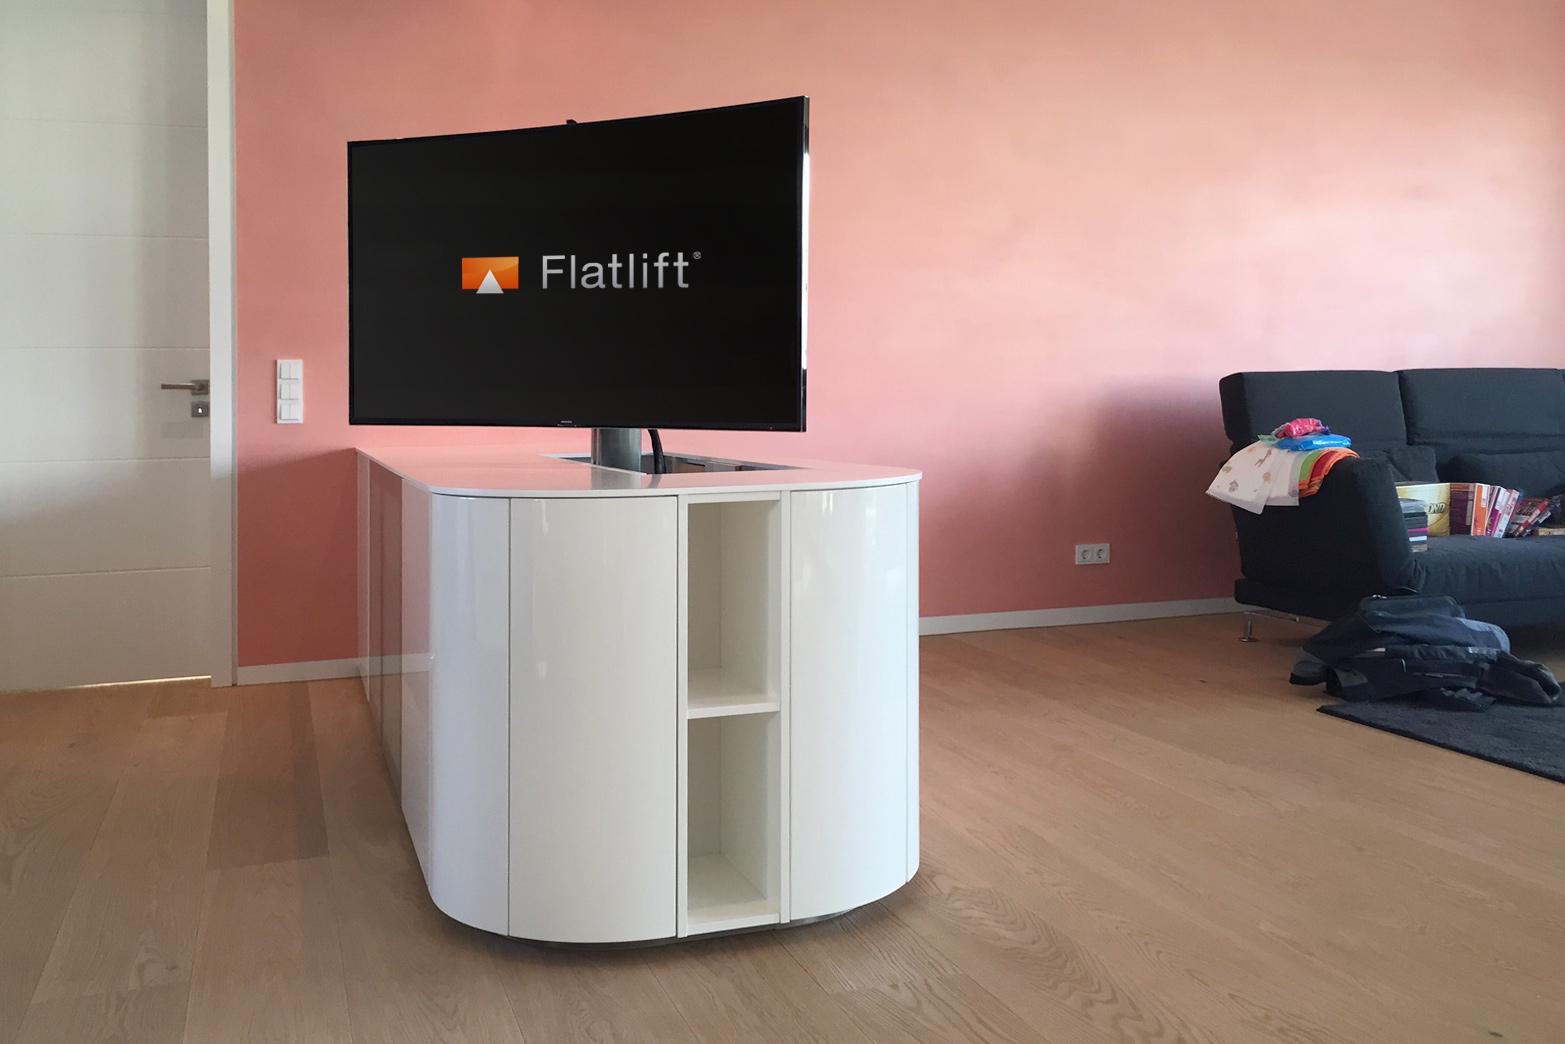 TV Geräte im Wohnzimmer, Esszimmer und Küche verbauen